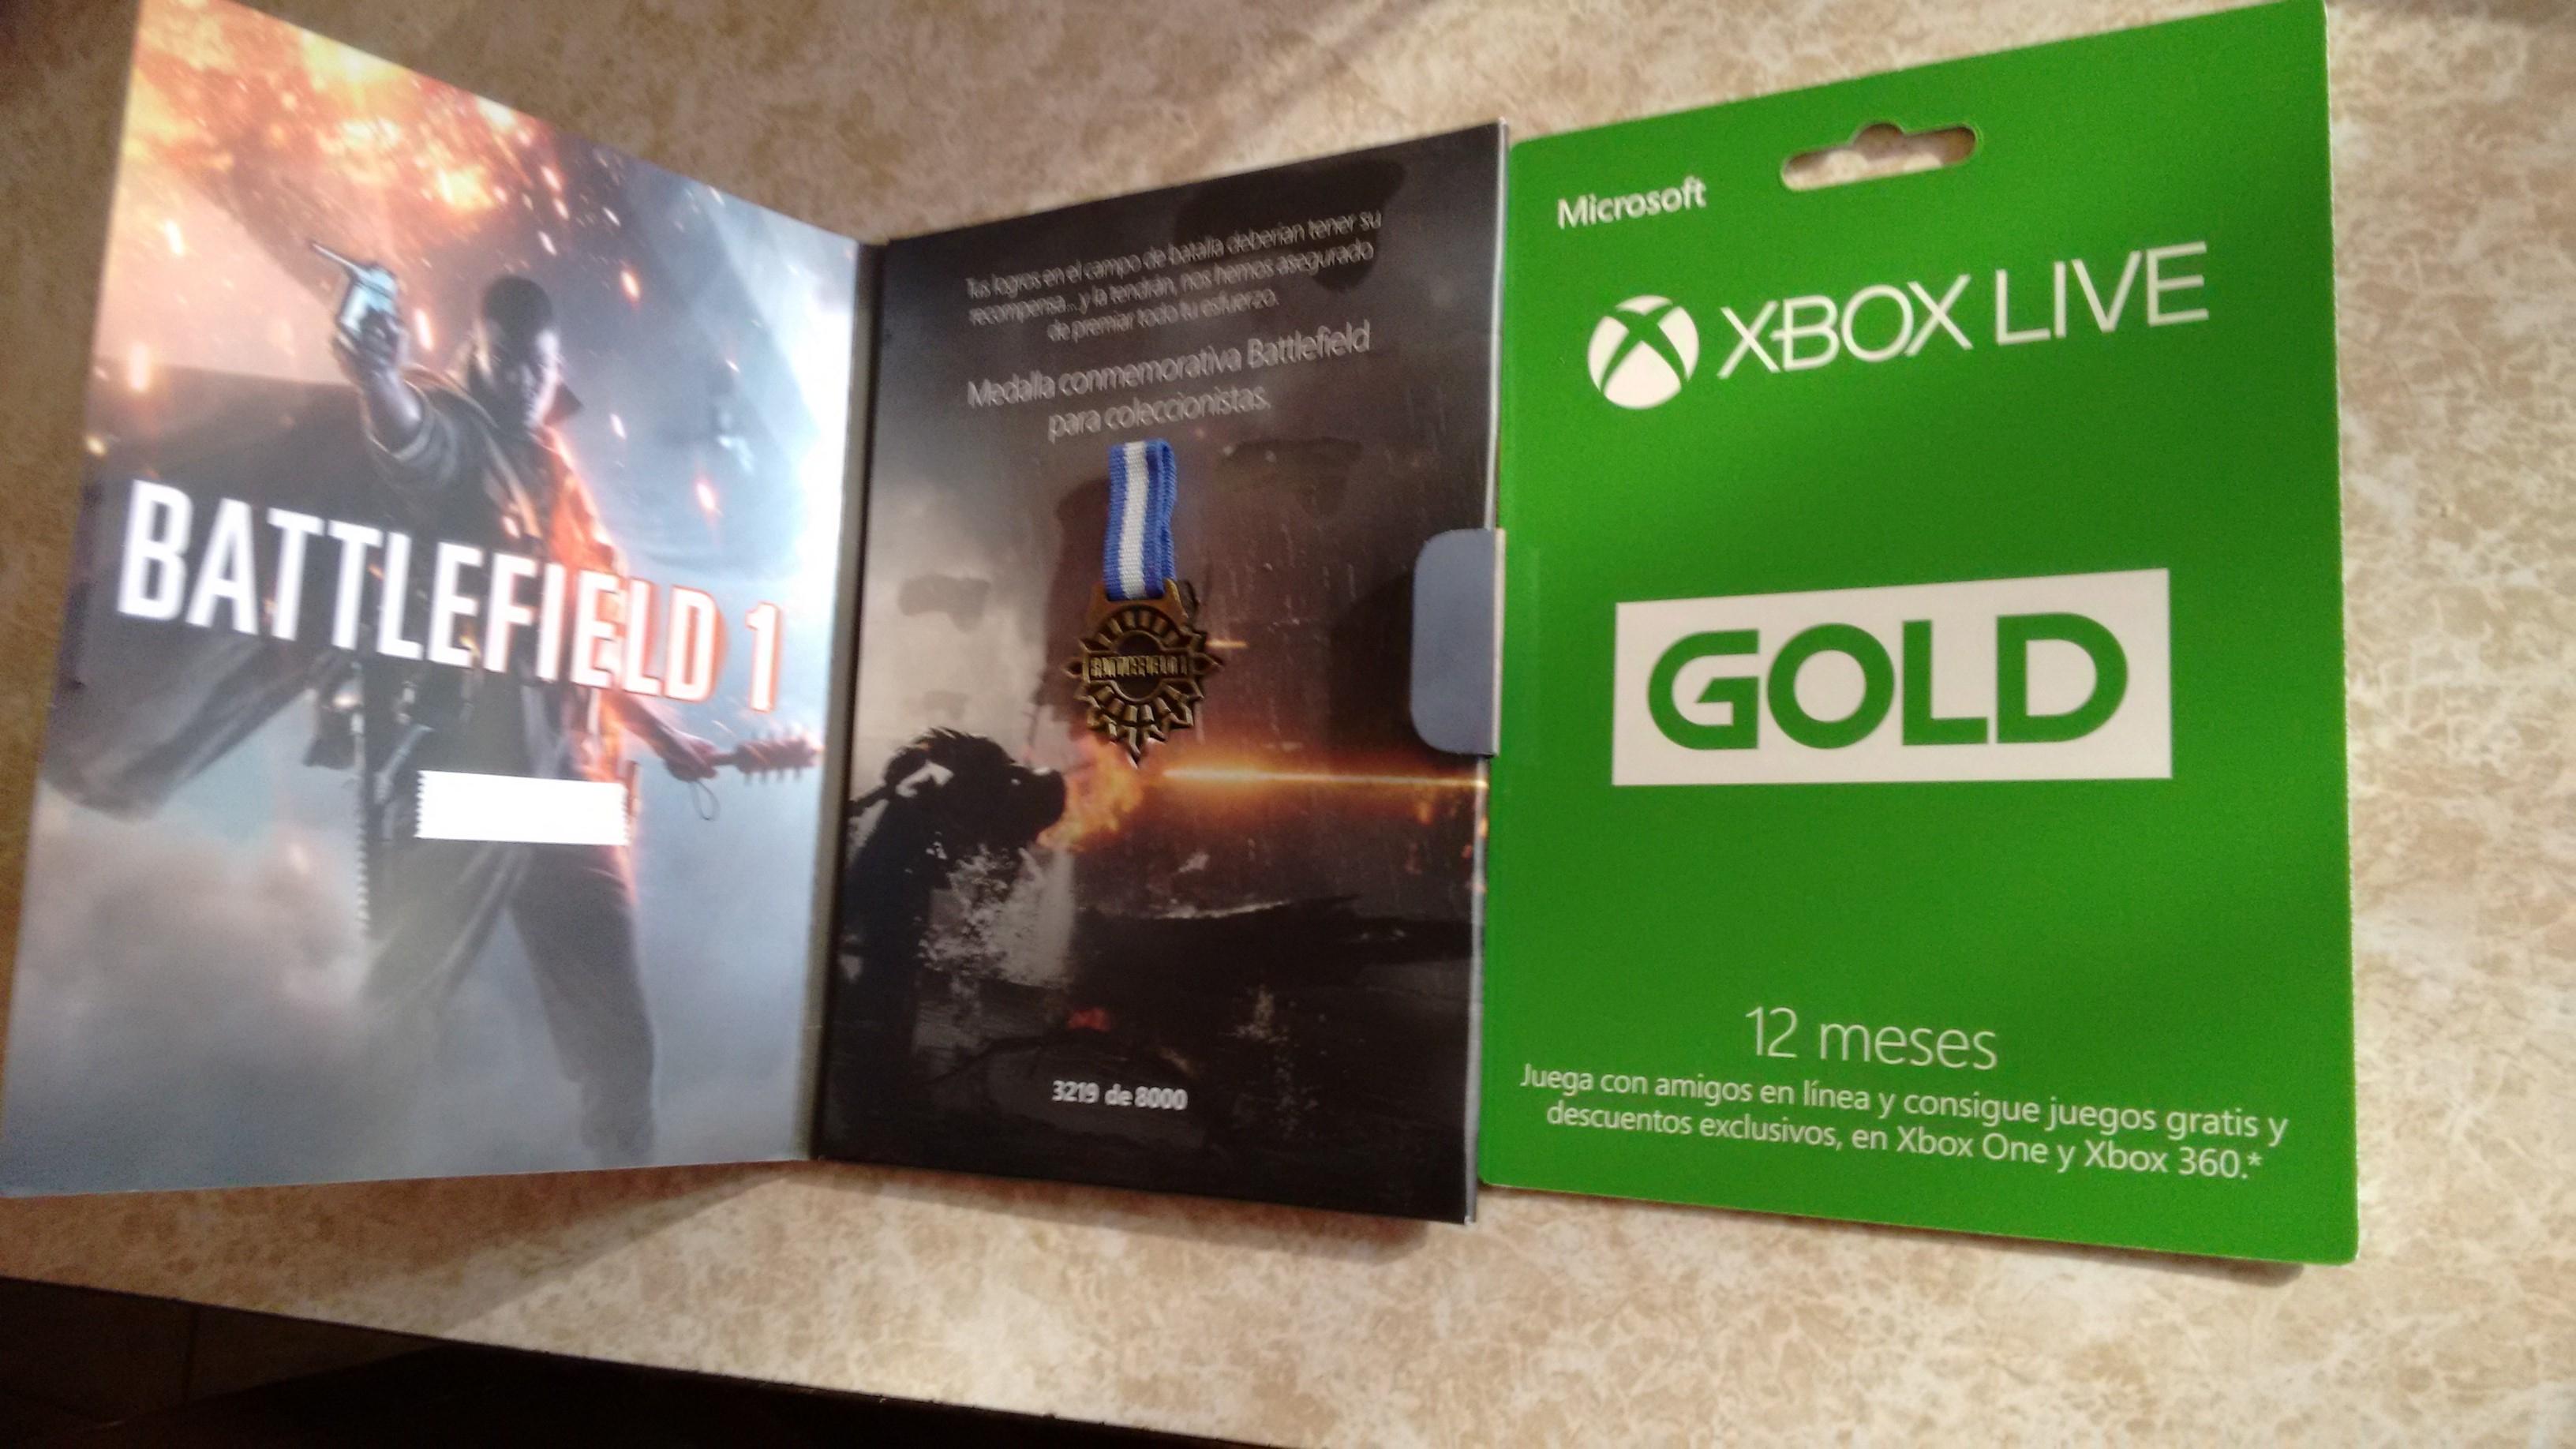 Liverpool: Suscripcion Gold de Xbox Live edicion Battlefield 1, Incluye la tarjeta de 12 meses y una medalla coleccionable $ 849.15